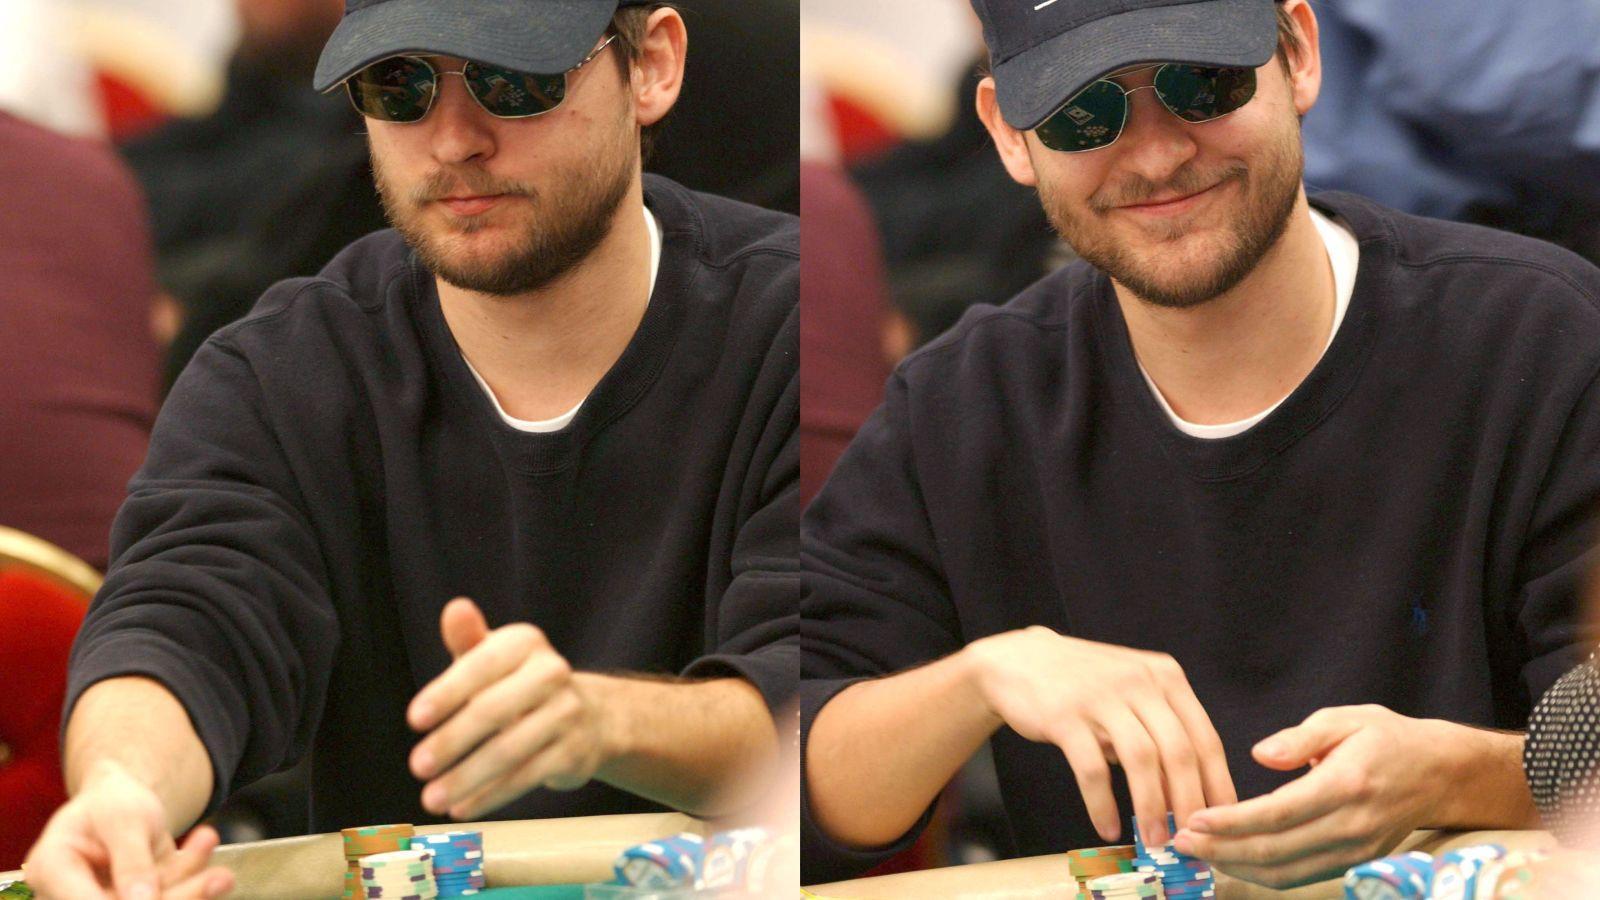 A pókember ruhát is felpróbáló színészt 2011-ben beperelték, amiért részese volt egy olyan illegális szerencsejátékos körnek, ahol dollármilliók pörögtek. Attól a kanadai profi pókerjátékostól, Daniel Negreanutól sajátította el a kártyázás rejtelmeit, aki hatszor is megnyerte a világ talán legkomolyabb versenyét, a World Series of Pokert. A színész a Texas Hold'em pókerben a legjobb, és egyes pletykák szerint eddig több mint 10 millió dollárt nyert már kártyán. (Stewart Cook/Shutterstock)